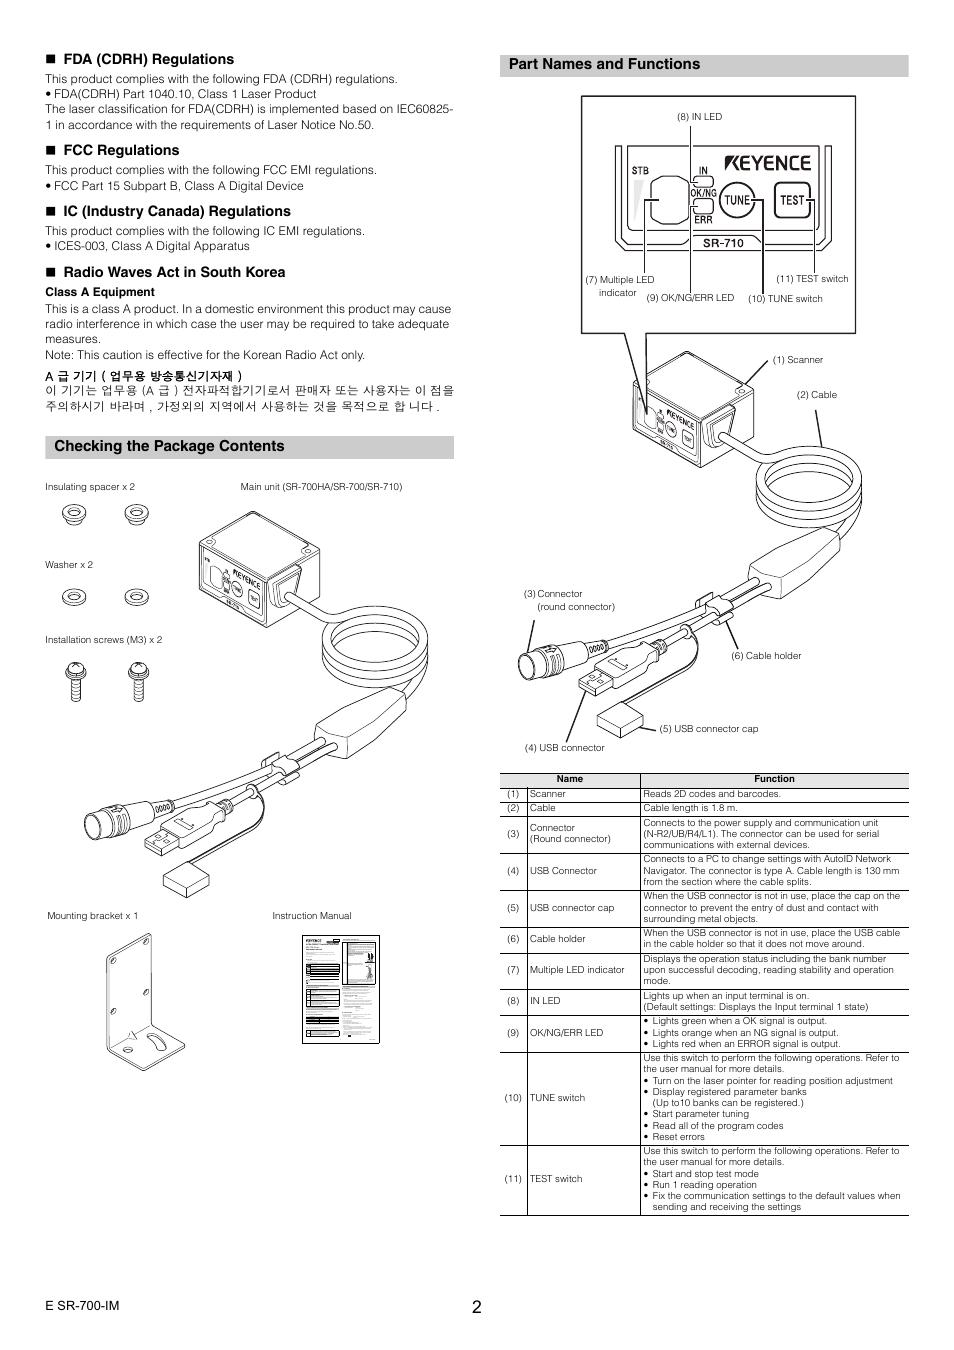 Part11 Ecg Lead Arrangement Element14 Sudden Impact Wearables